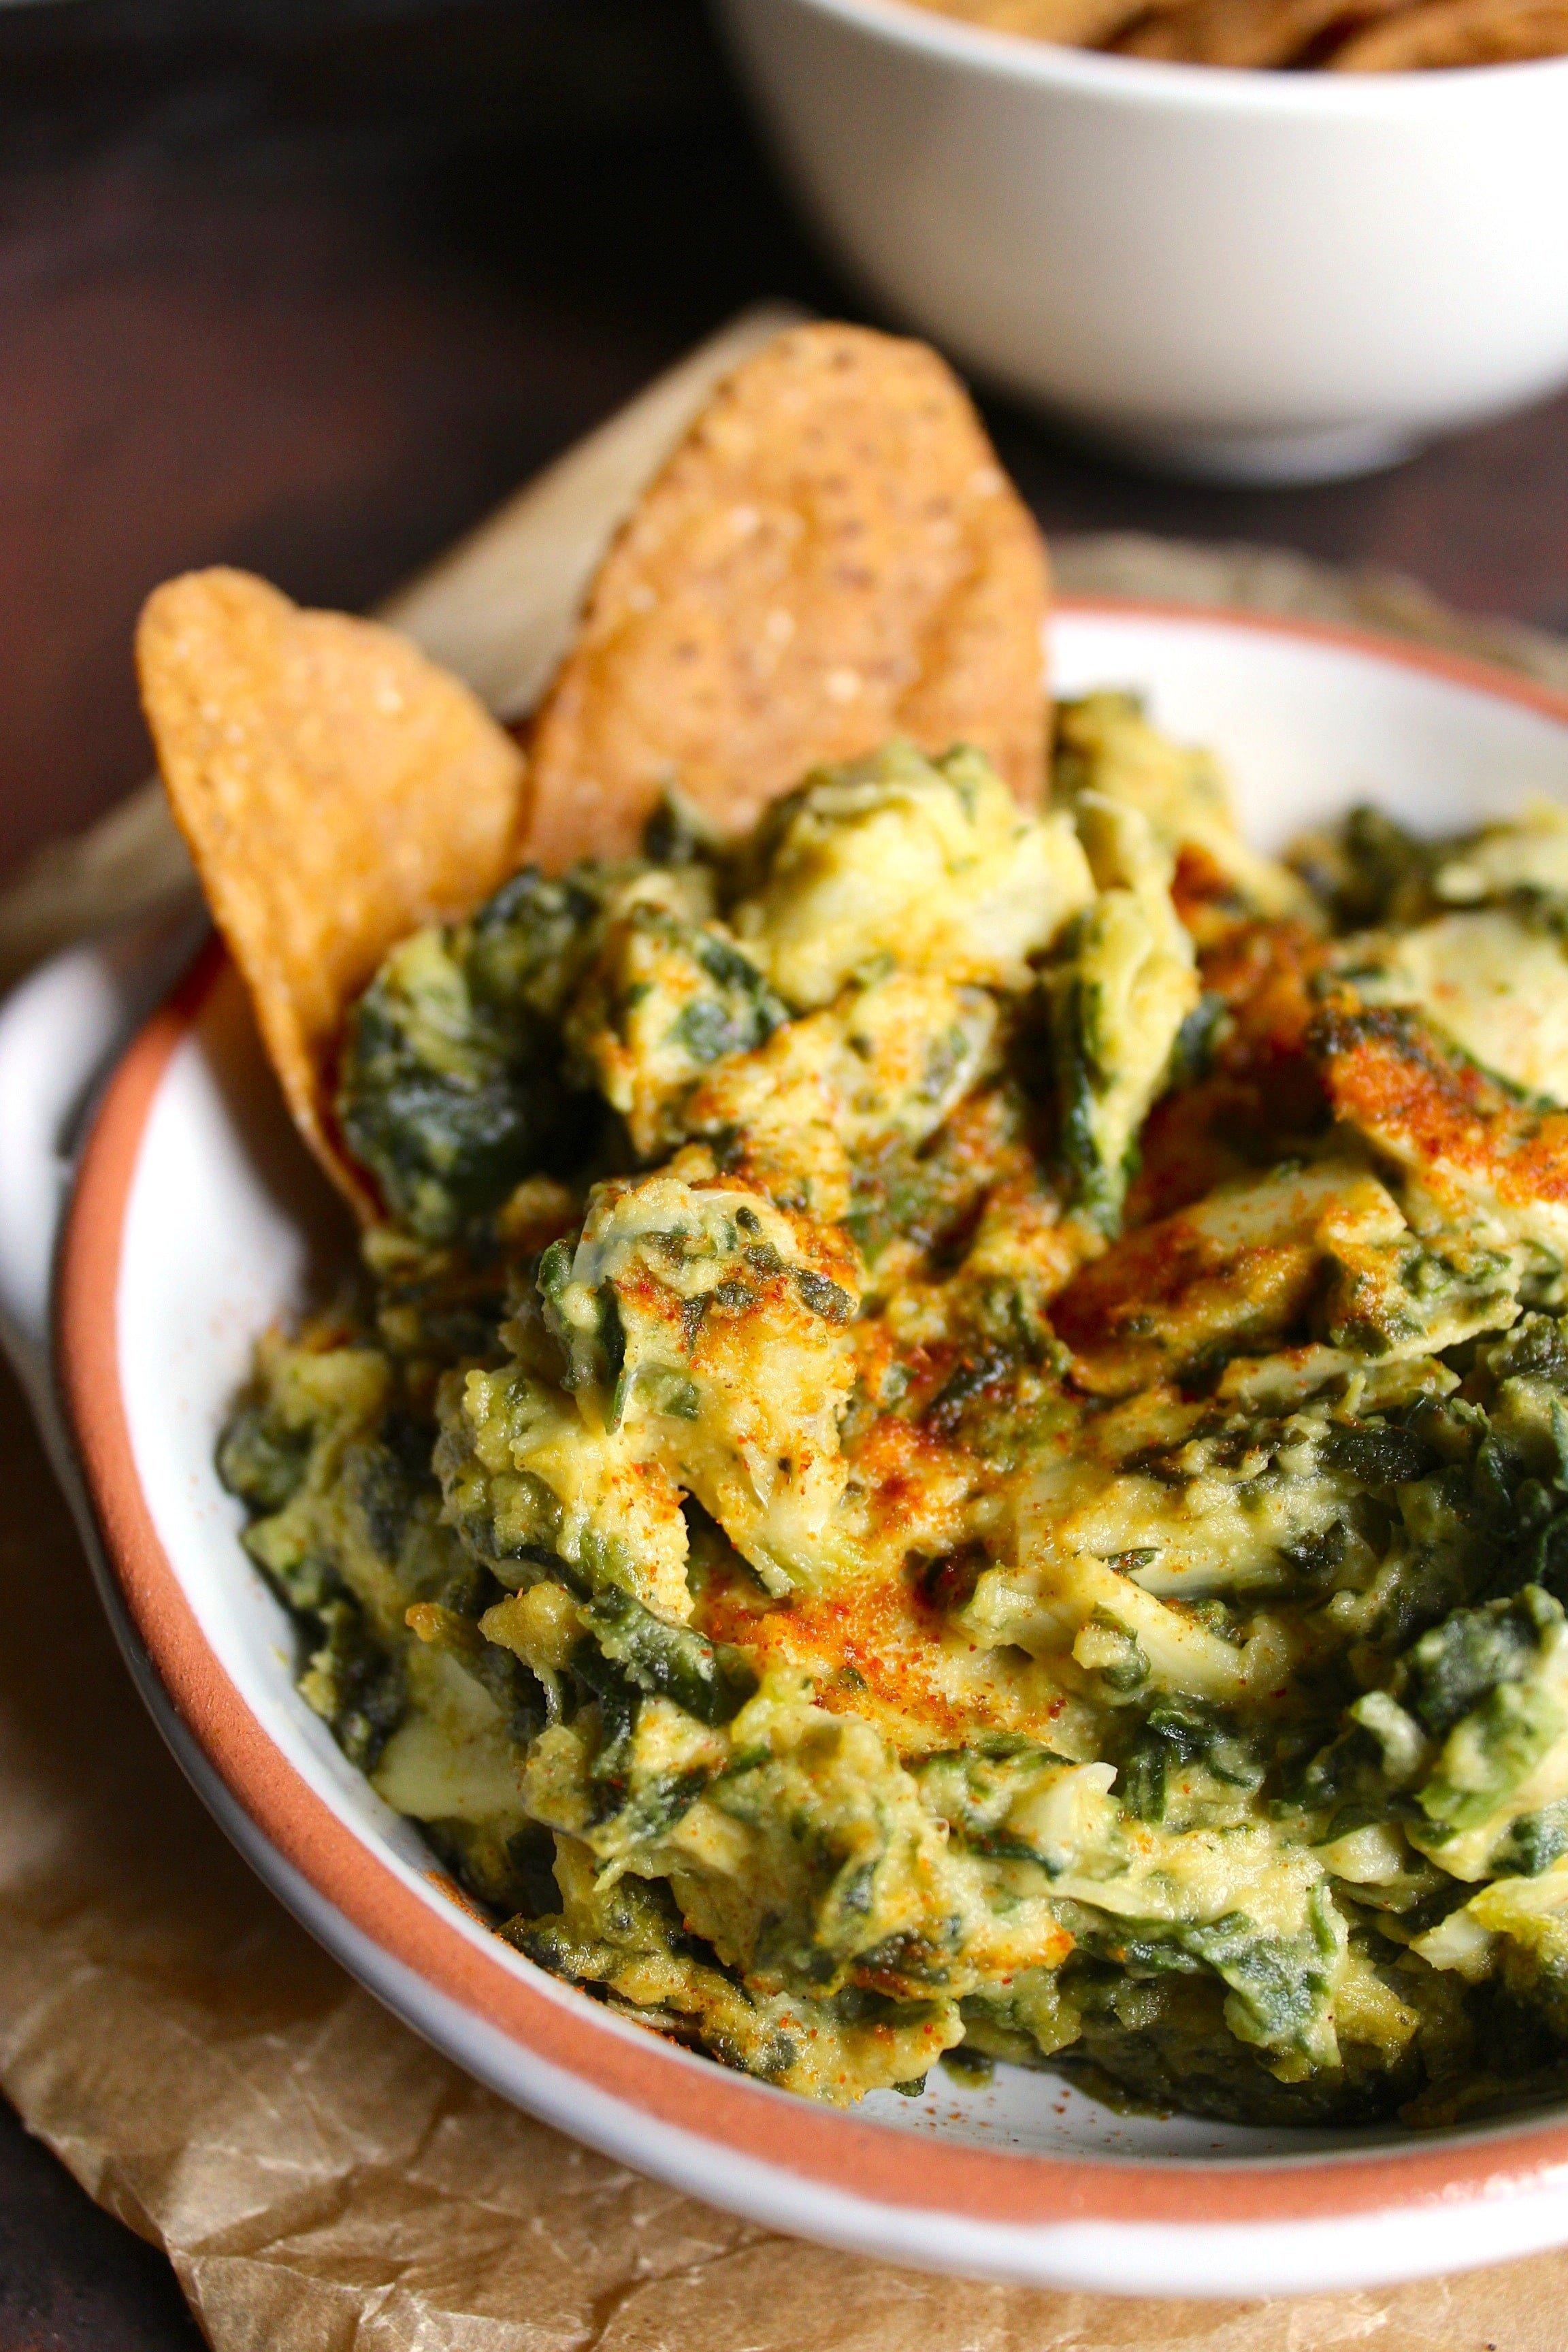 Spinach Artichoke Hummus Dip